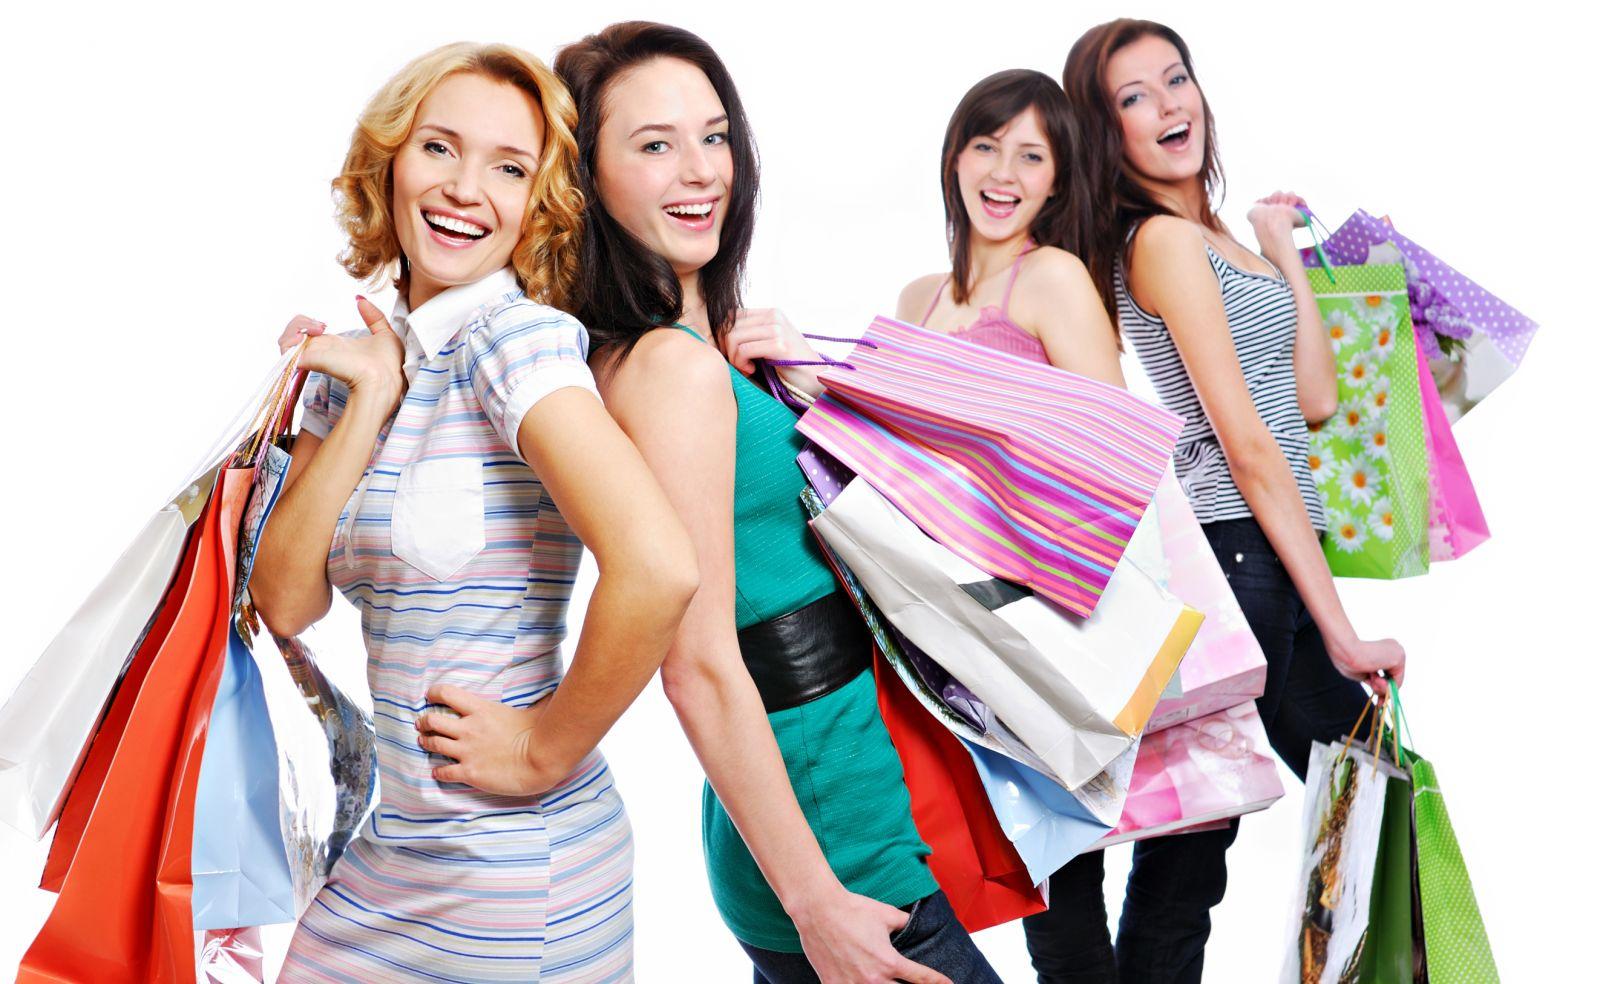 Одежда оптом. Преимущества такой покупки вещей - Лента ... 28beef229b223